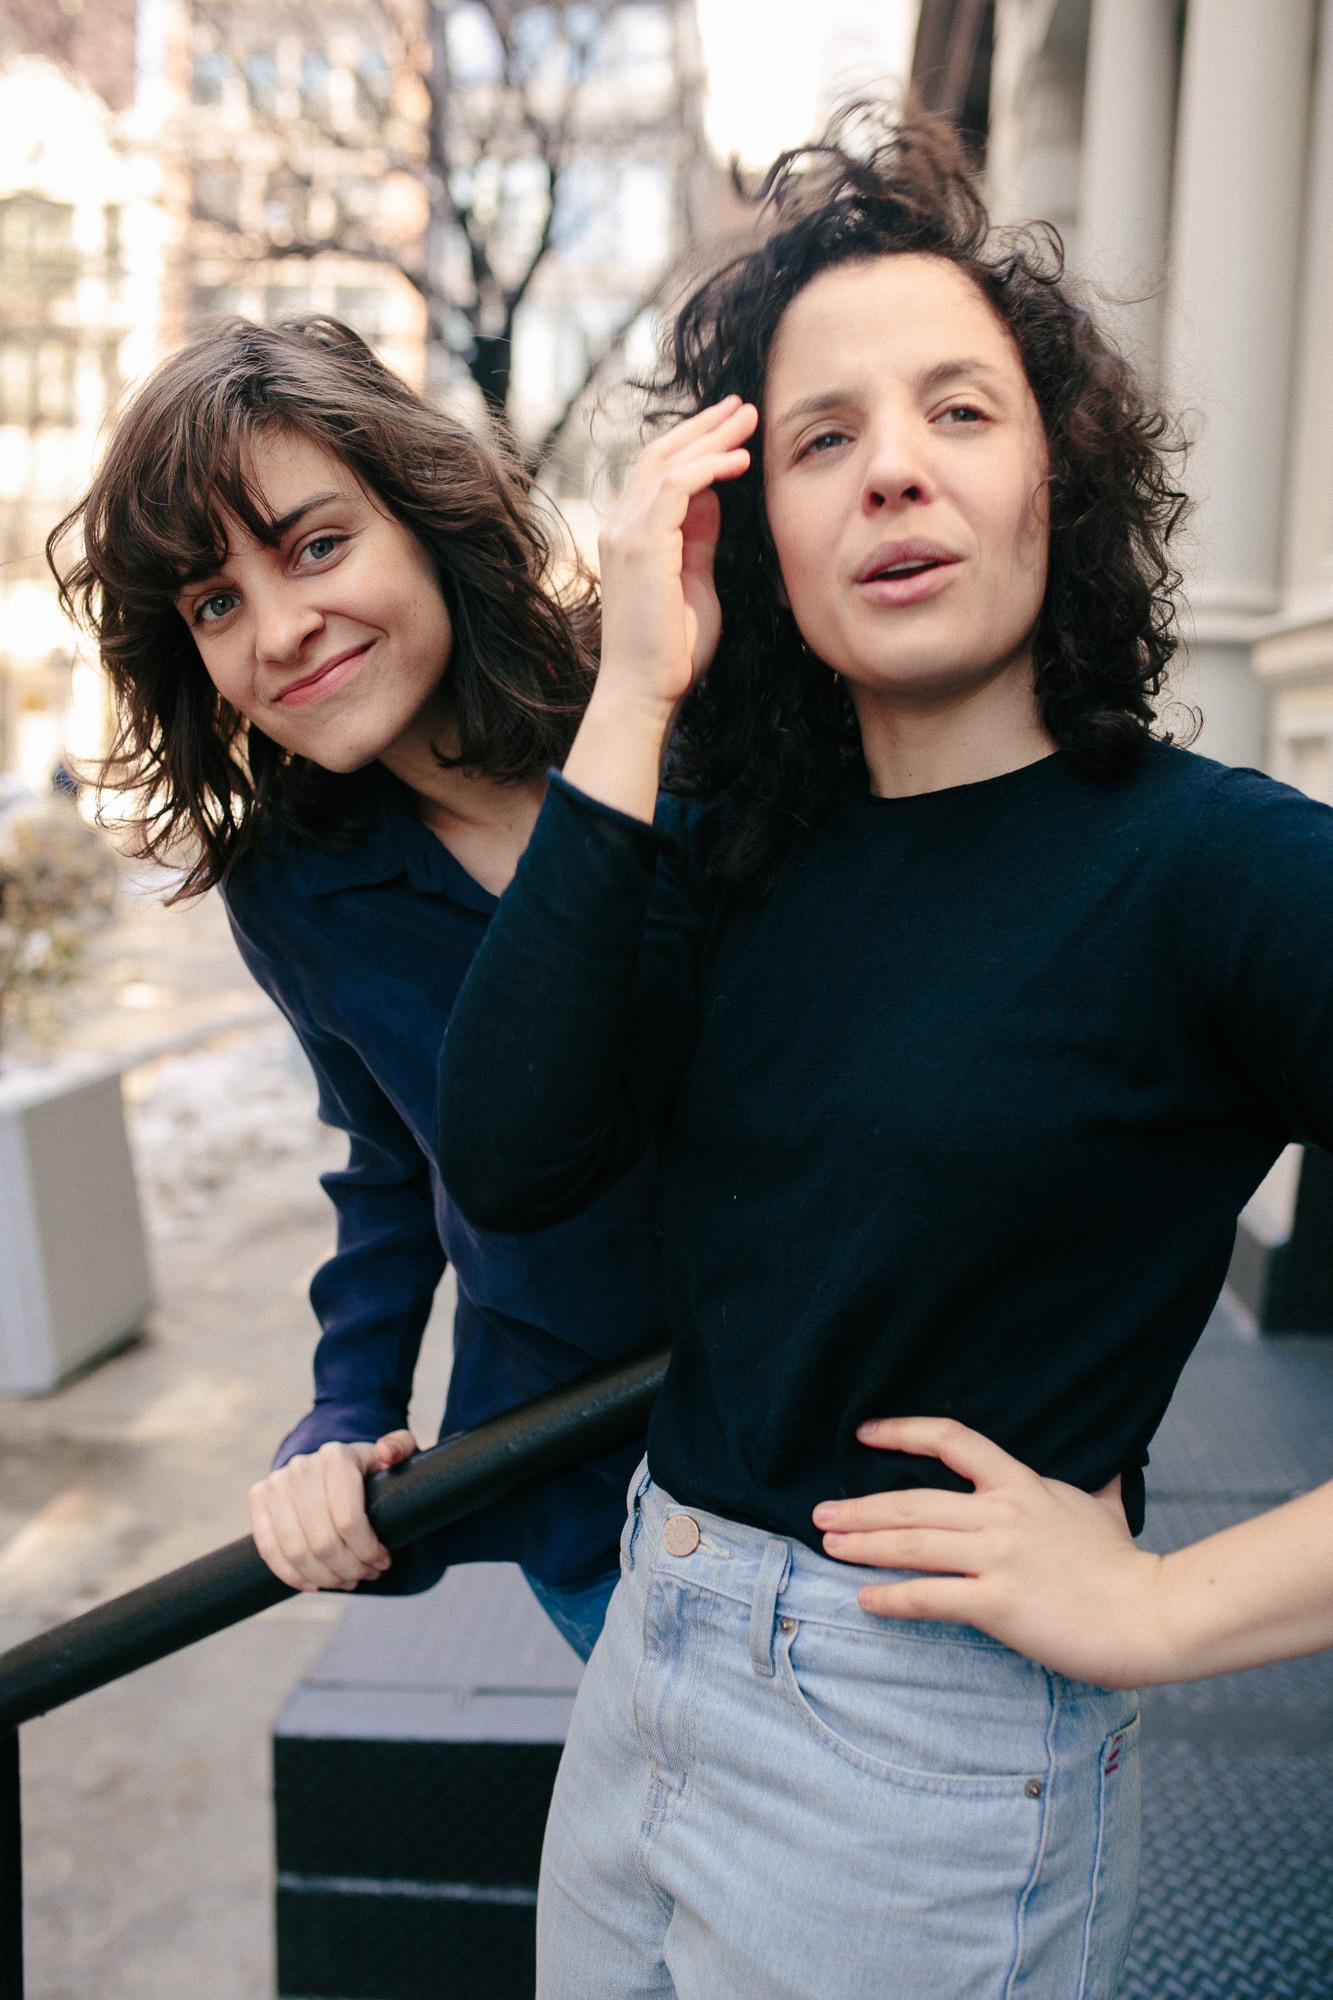 Rebecca&Amanda-31.jpg